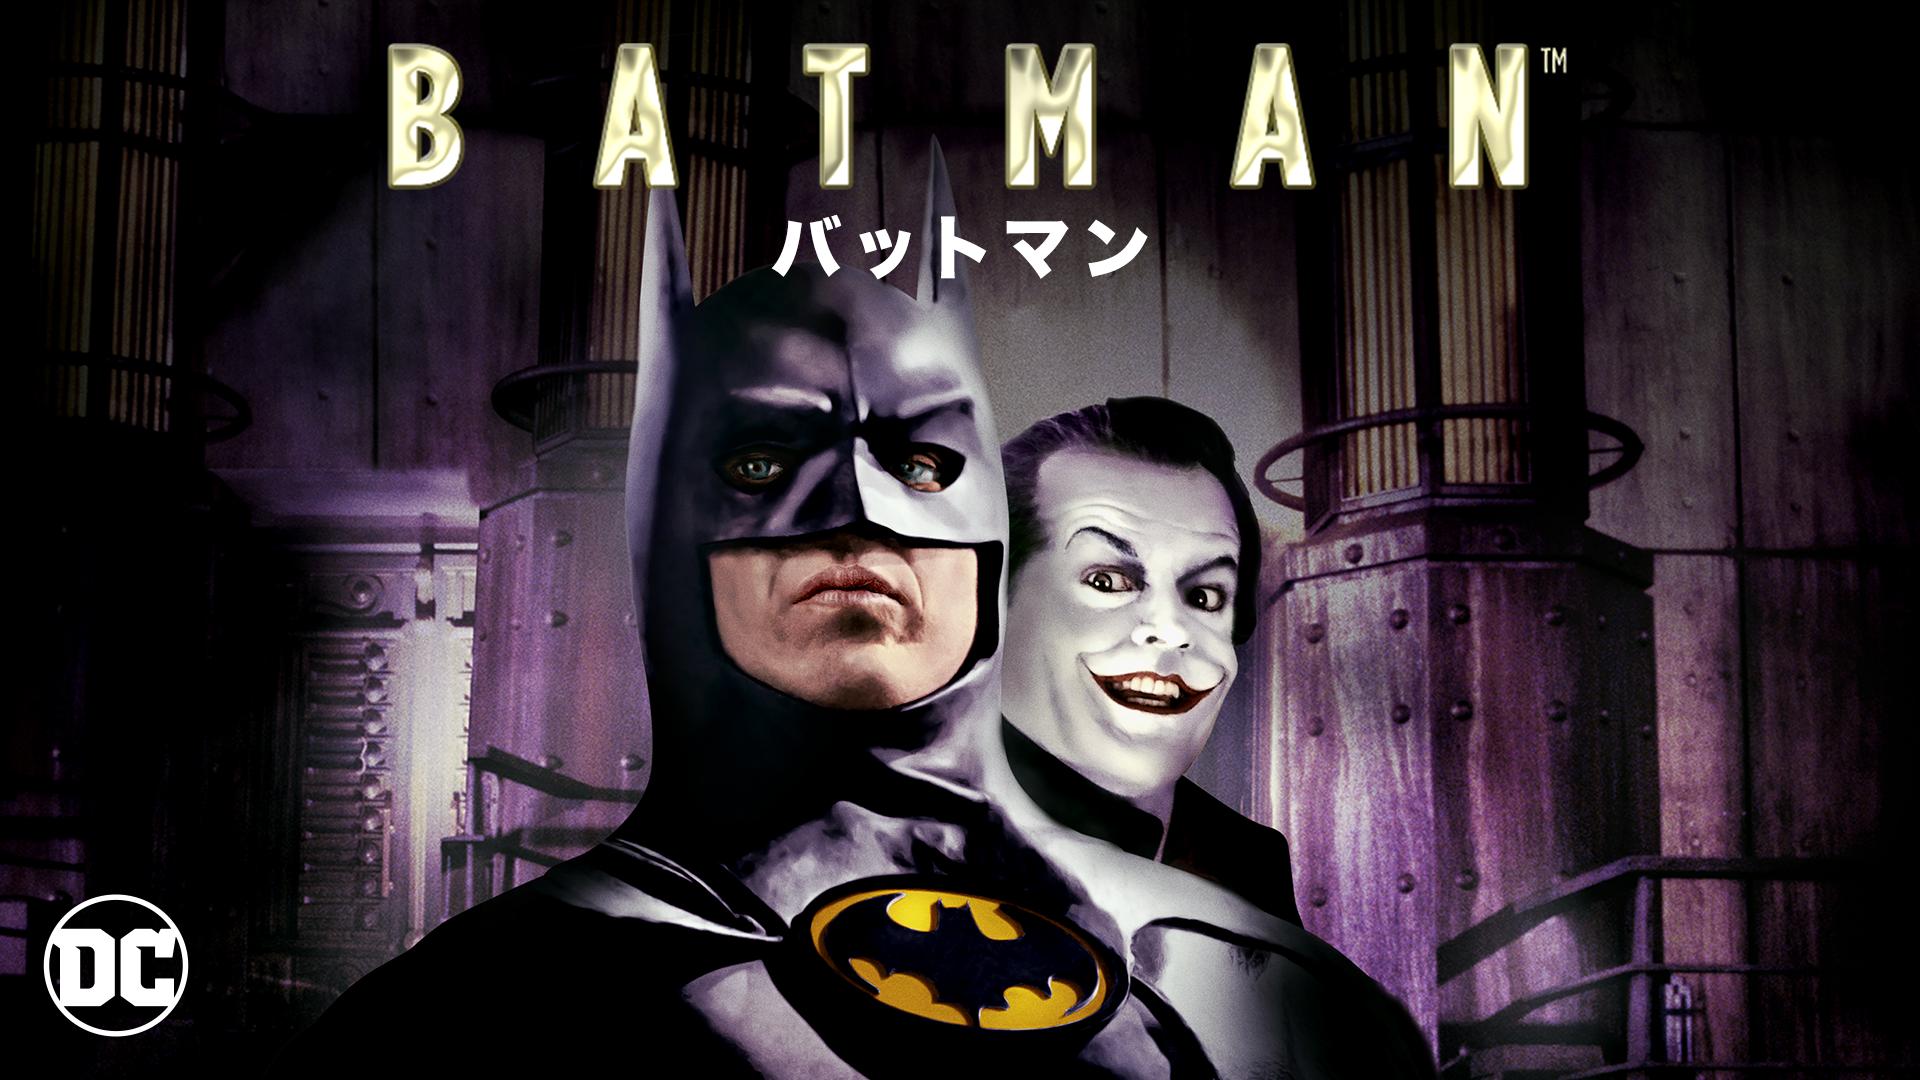 映画『バットマン(1989)』動画を無料でフル視聴出来るサービスとレンタル情報!見放題する方法まとめ!